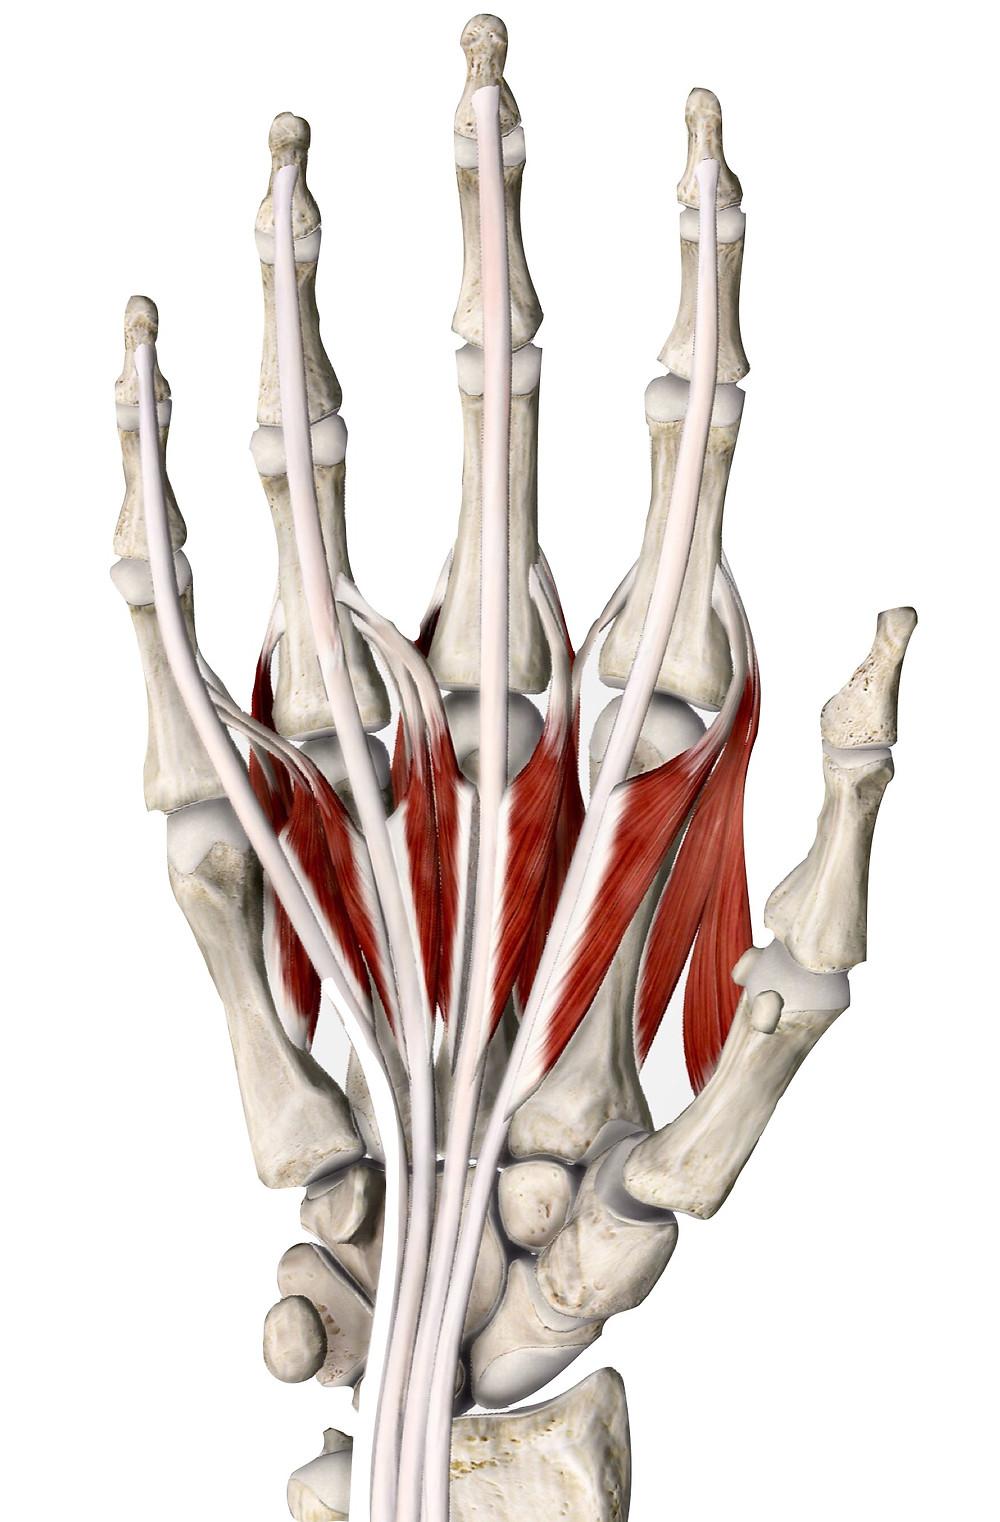 虫様筋と骨間筋